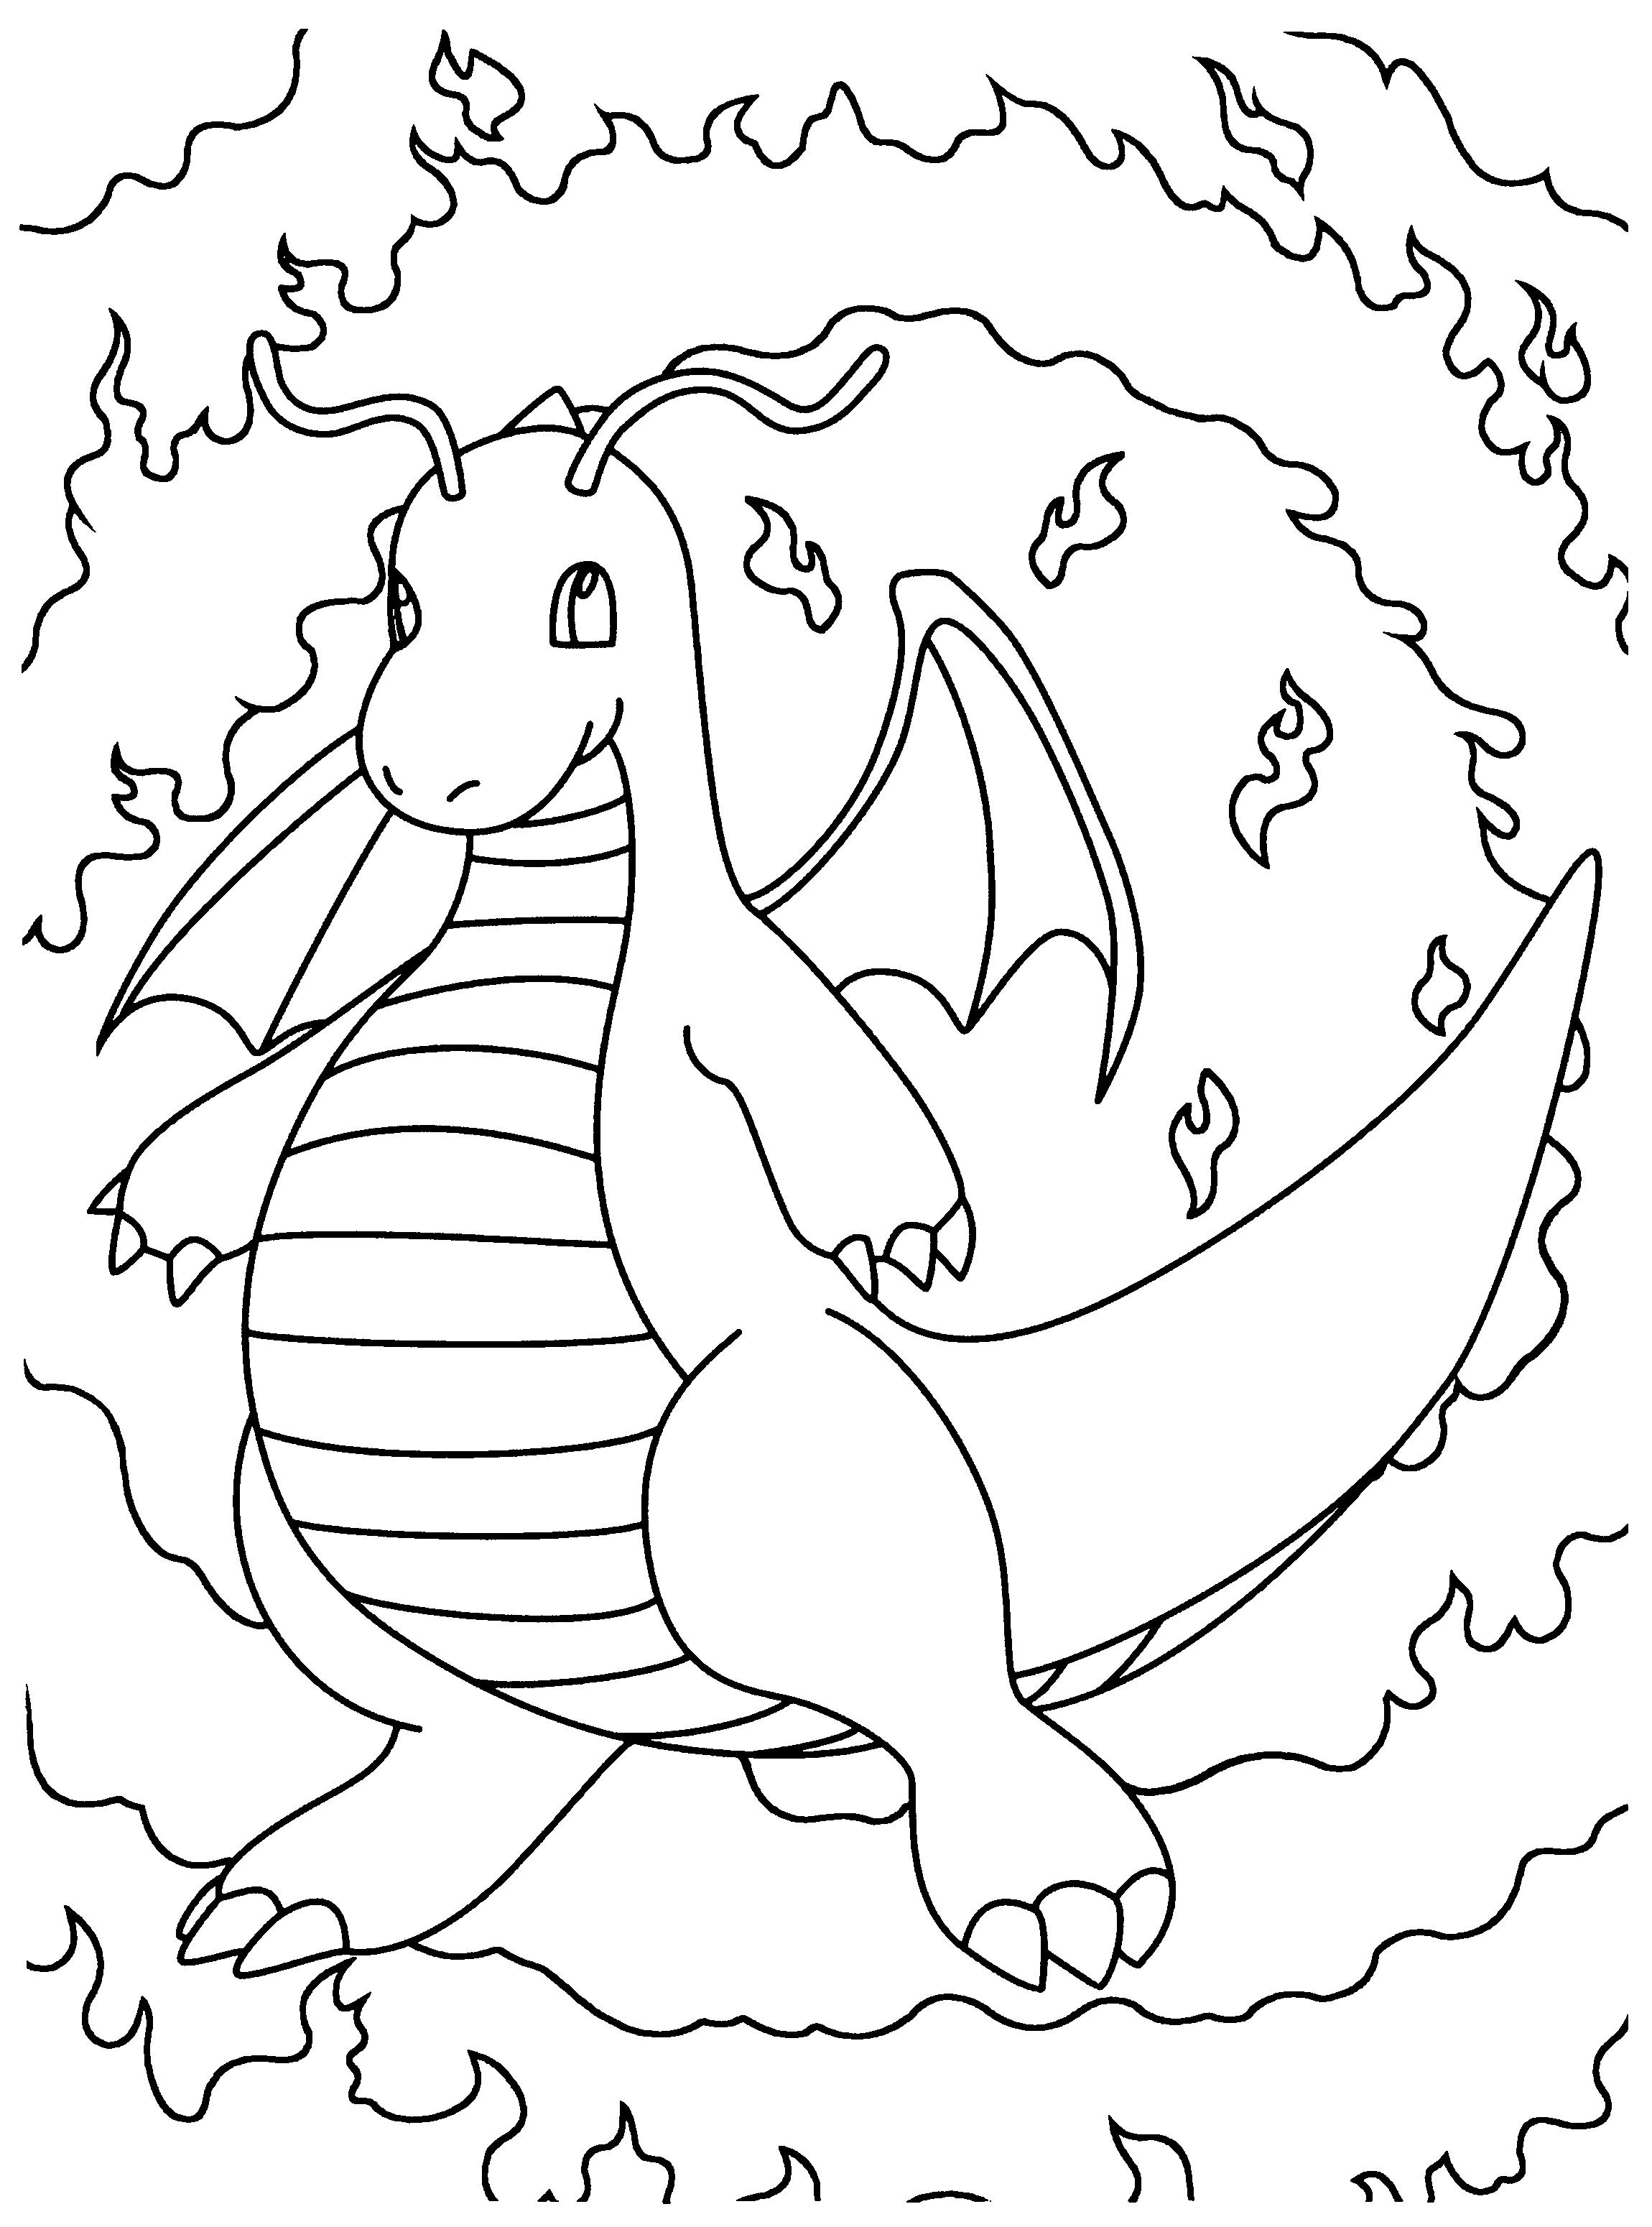 Kleurplaat Dragonite  Pokemon coloring pages, Pokemon coloring